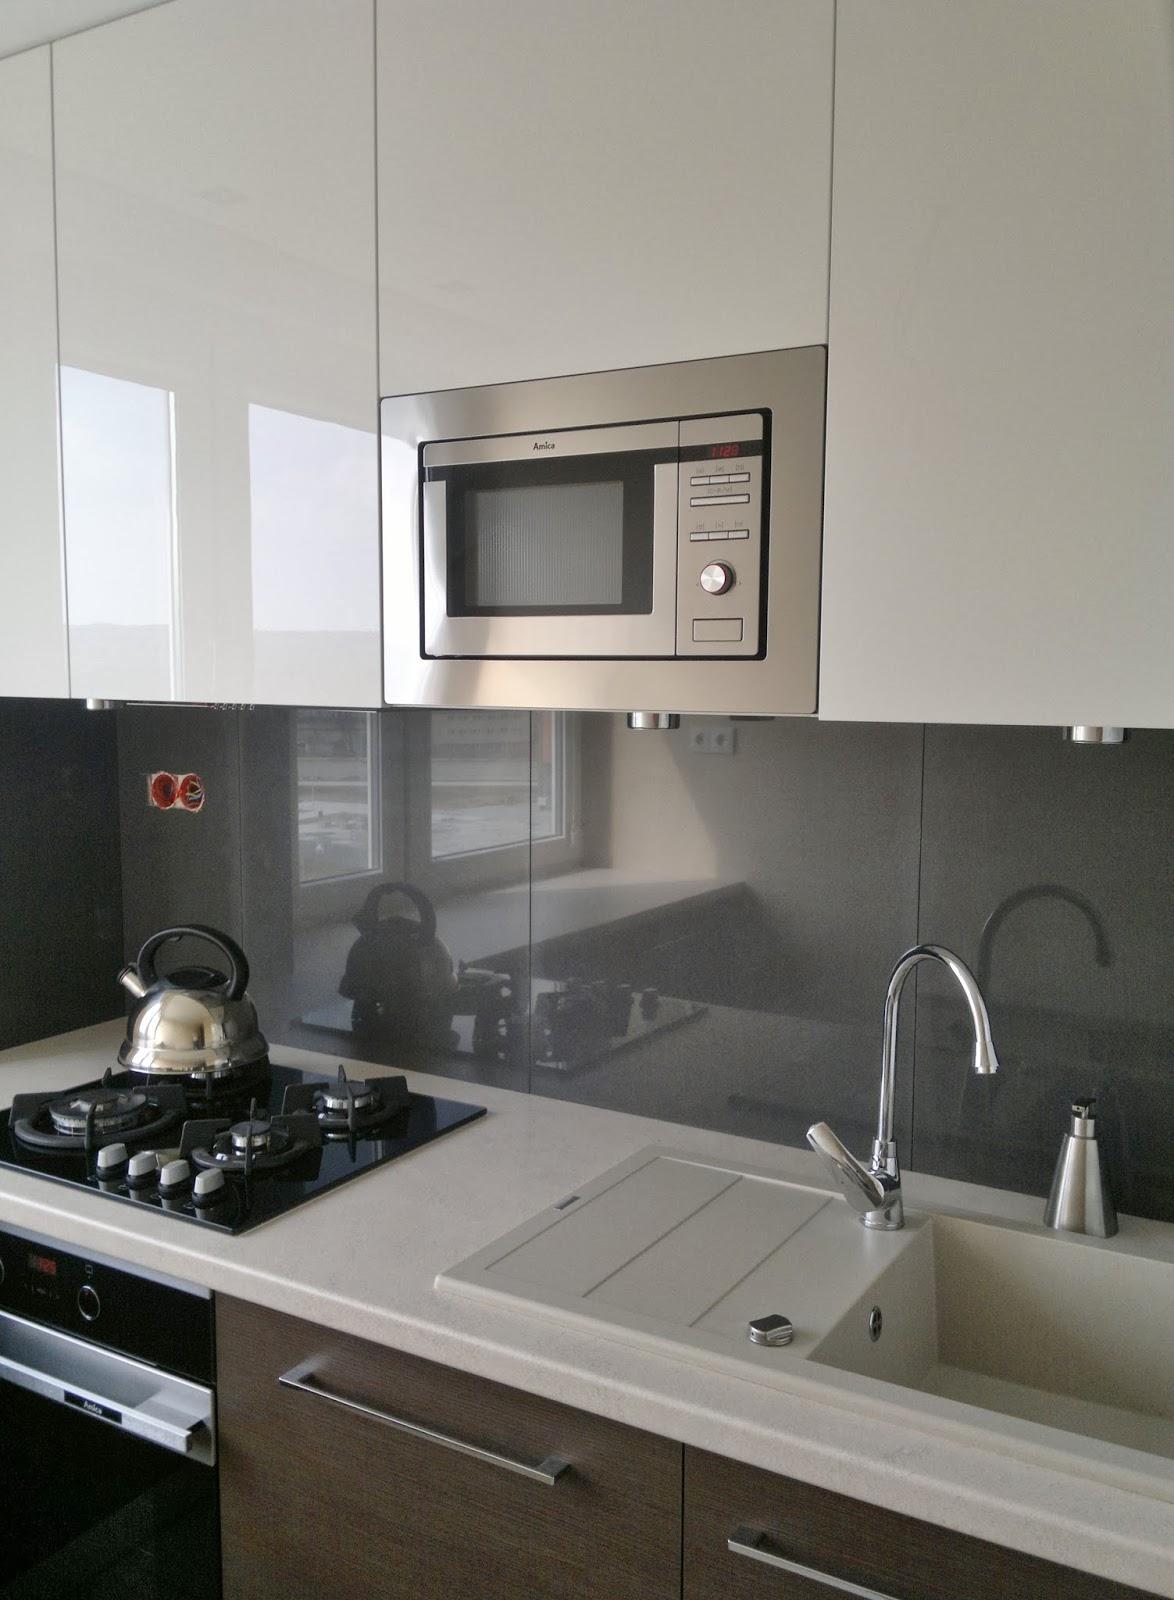 BENO Mała kuchnia -> Kuchnia Do Zabudowy Z Plytą Gazową Na Szkle